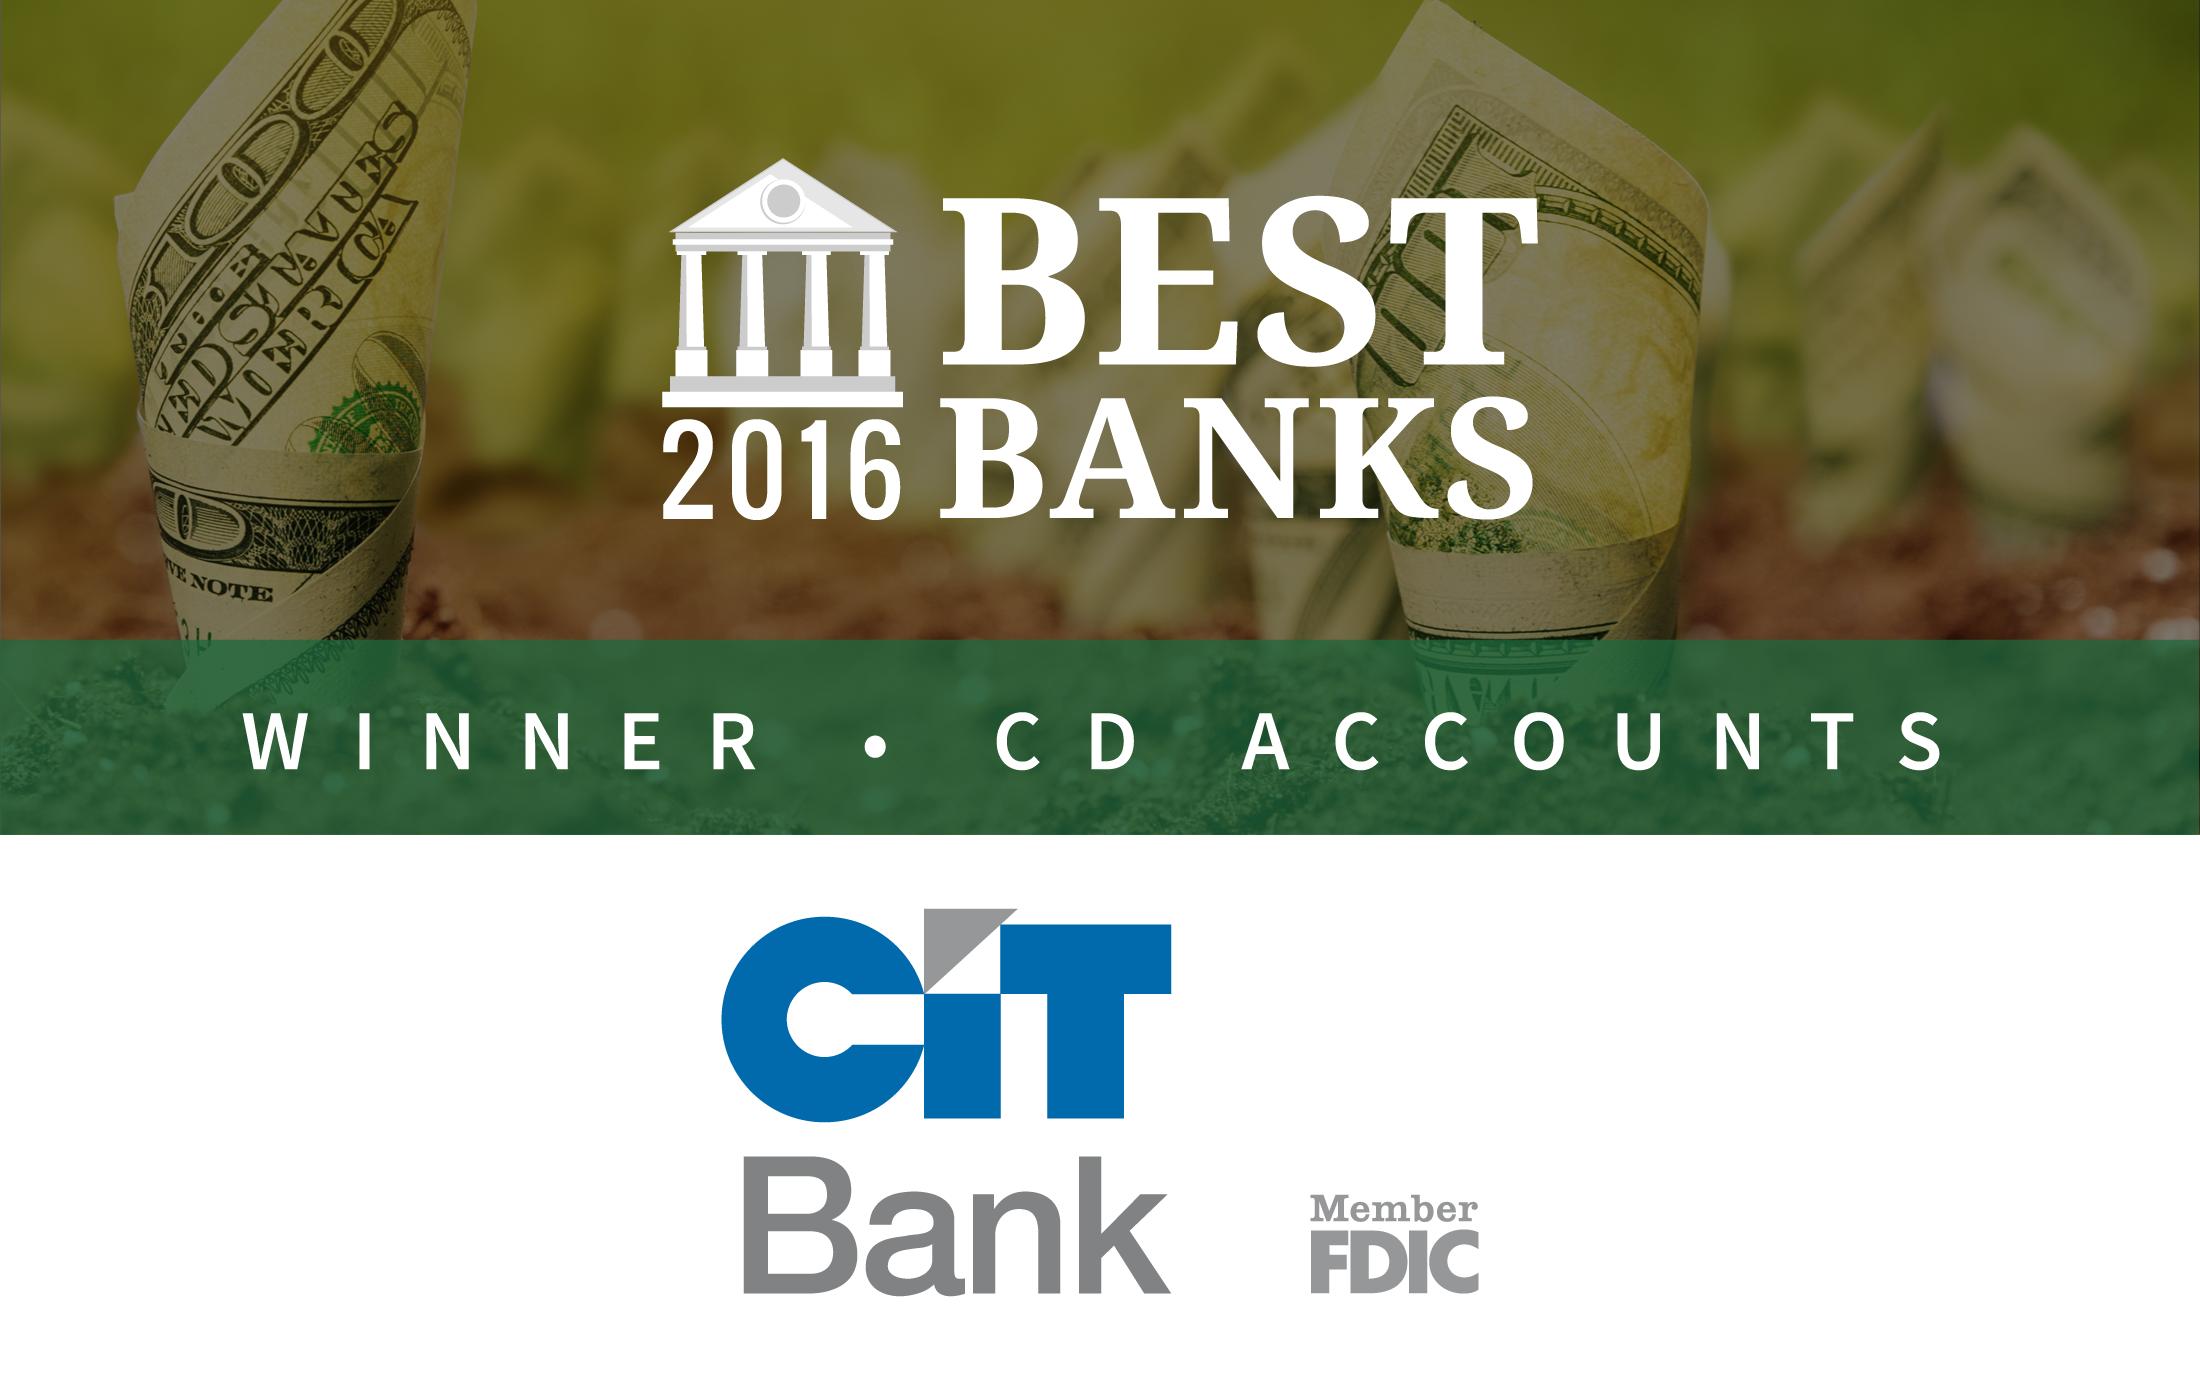 Online Banks Cd Rates Gbr Bestbanks Winnerarticles Cd V